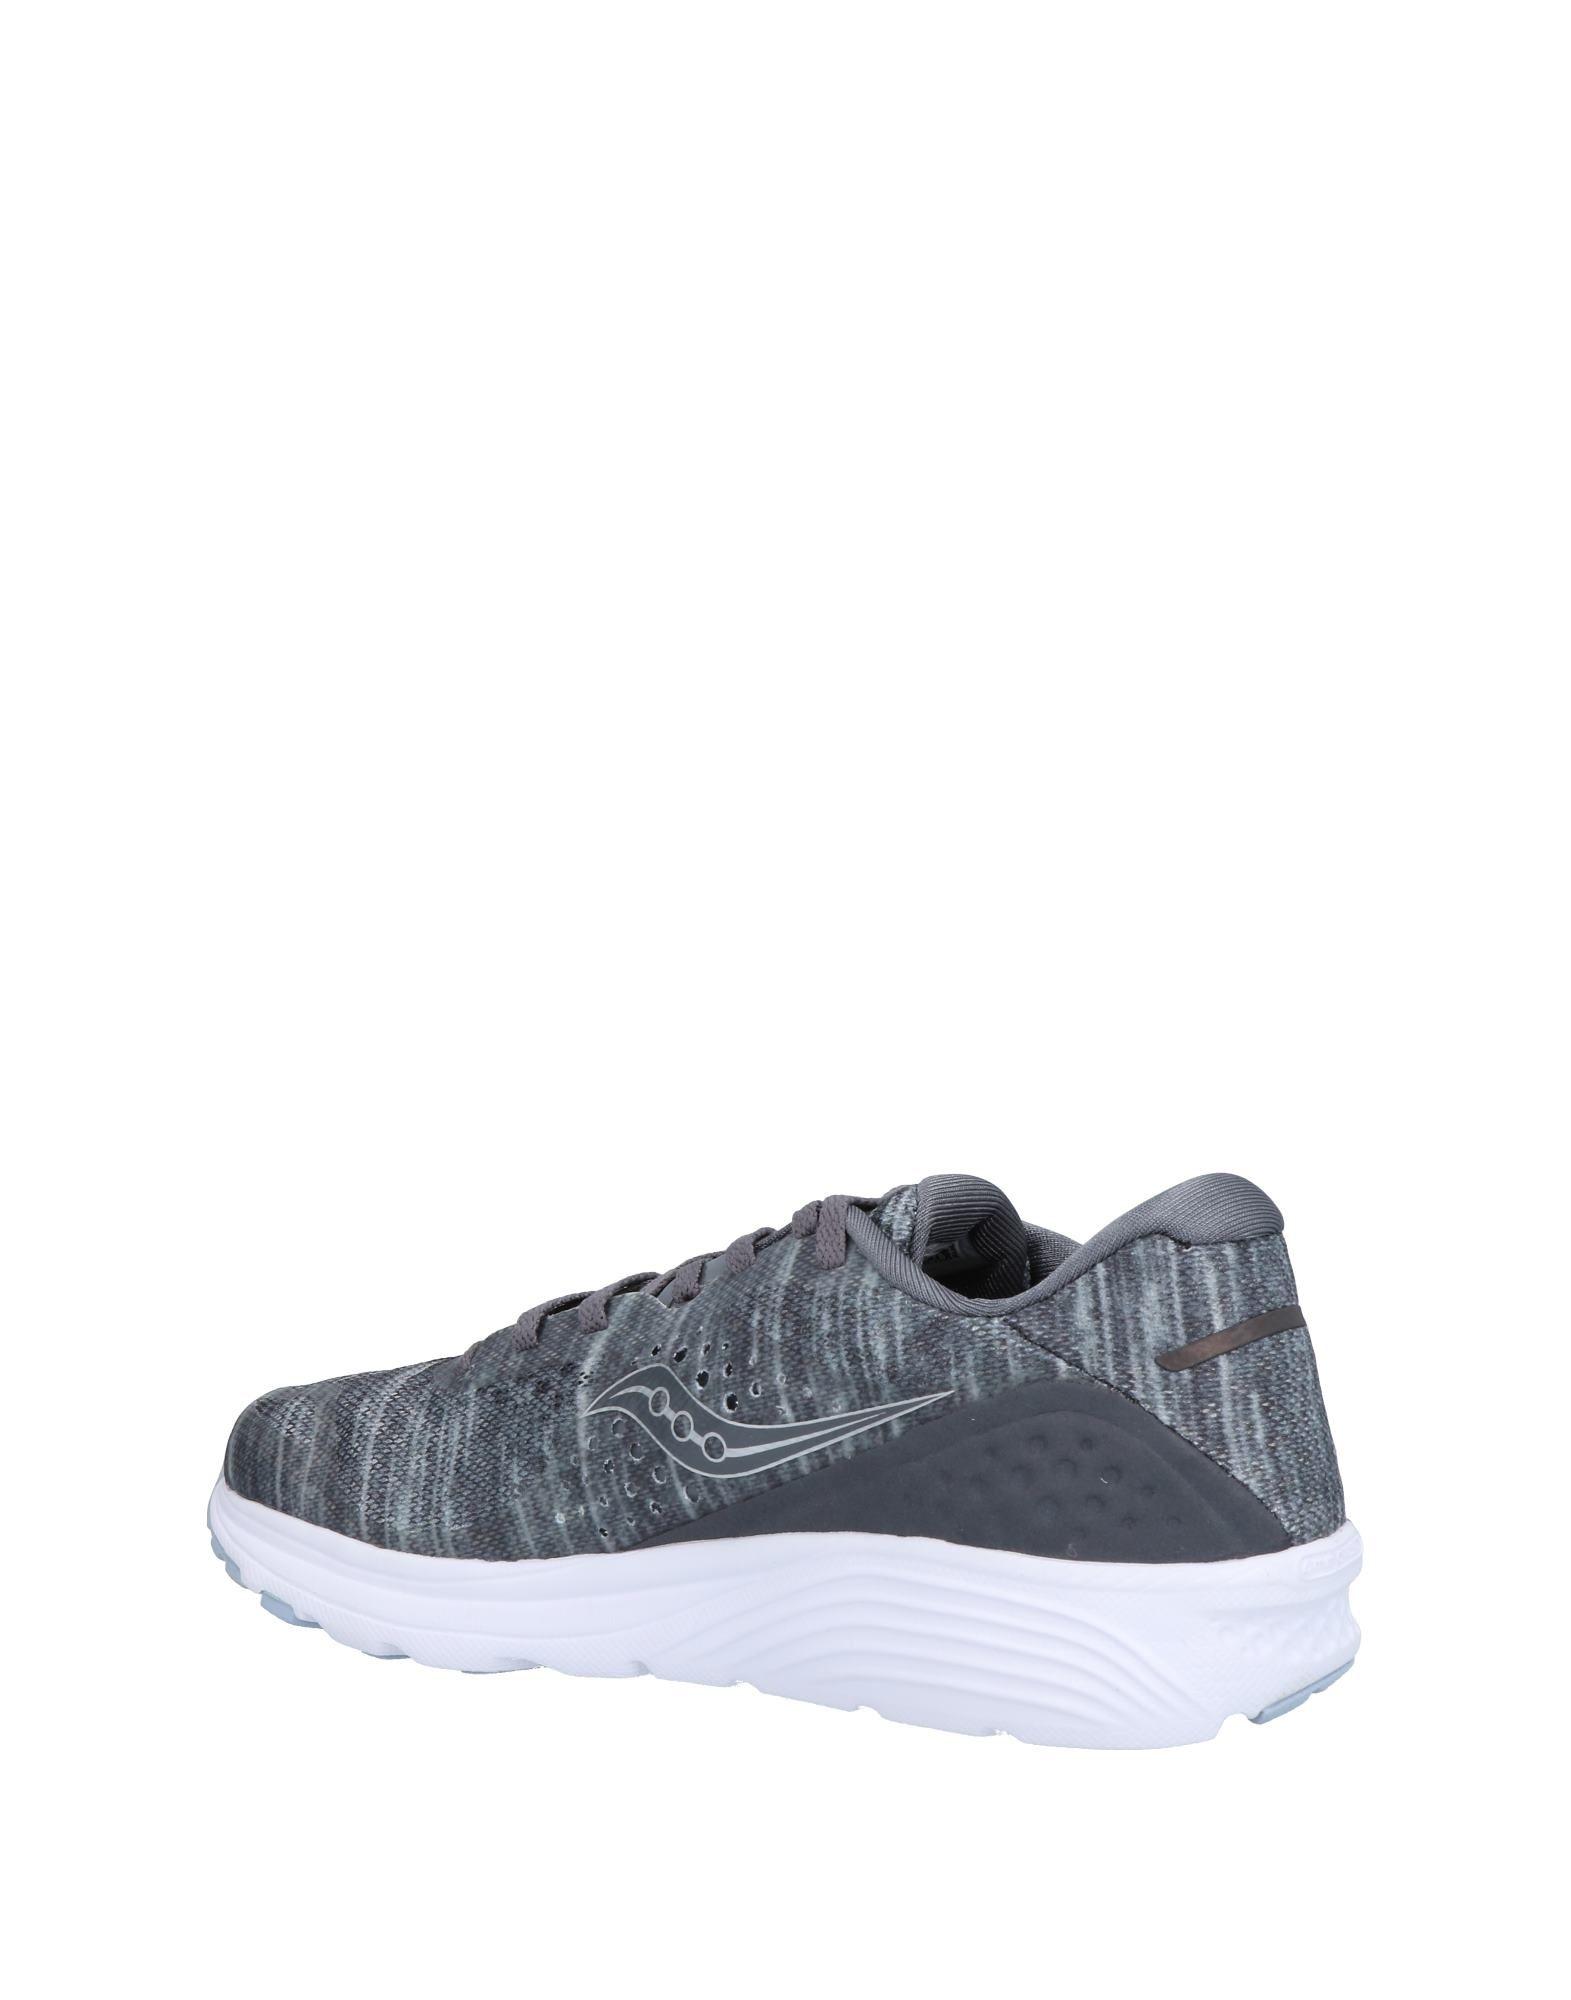 Saucony Sneakers Herren Heiße  11494144OB Heiße Herren Schuhe 3529ab